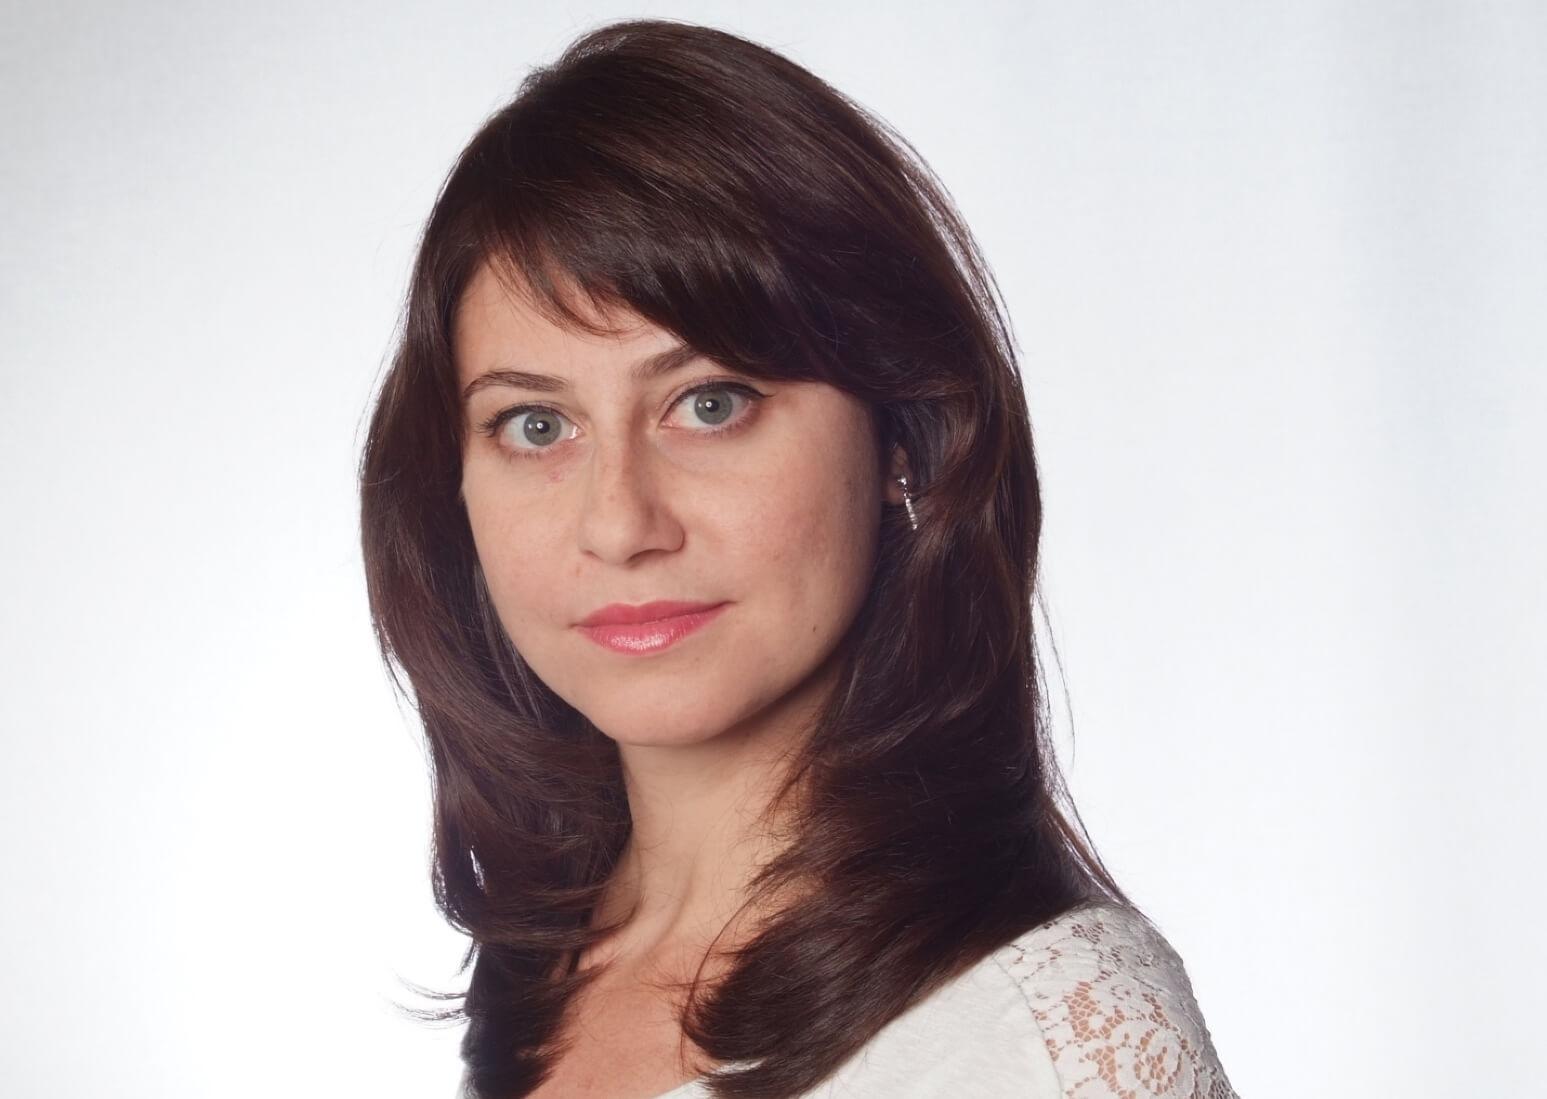 Dr. Jagoda Irena Wierzejska